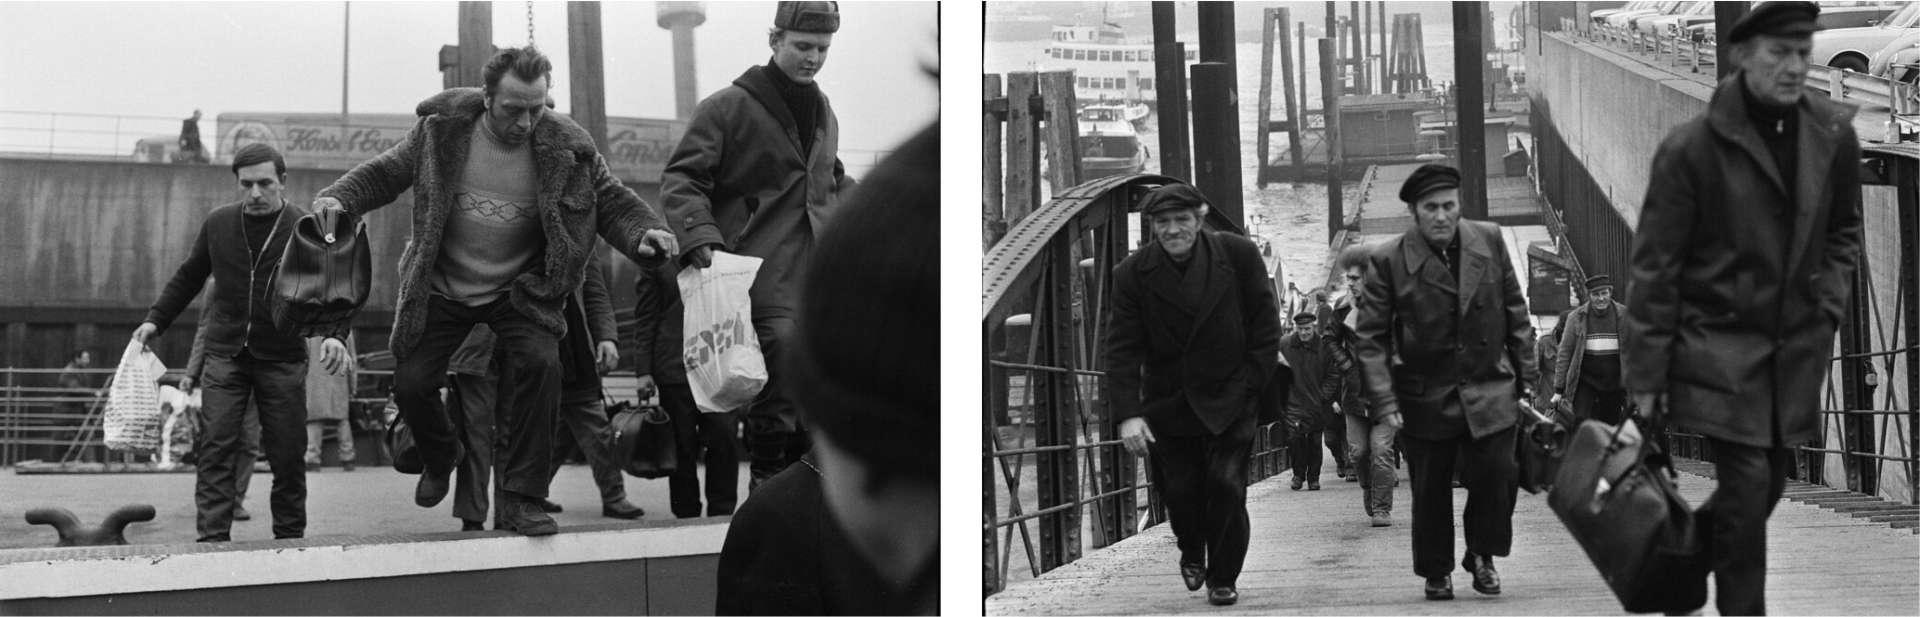 Hafenarbeiter in den frühen 70ern